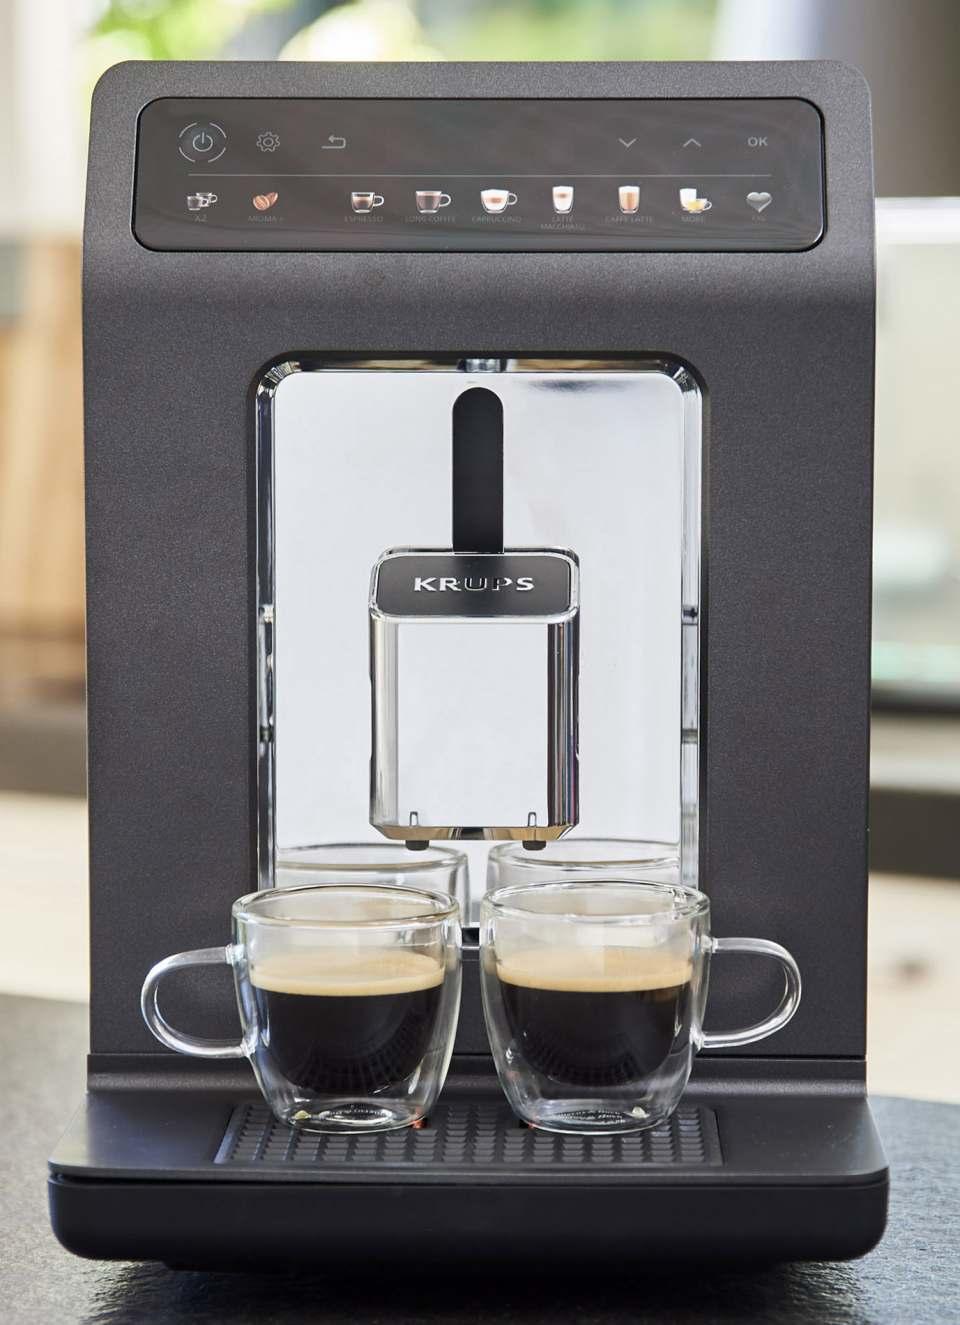 Krups Kaffeevollautomat Evidence One mit 12 automatischen Getränkevariationen.